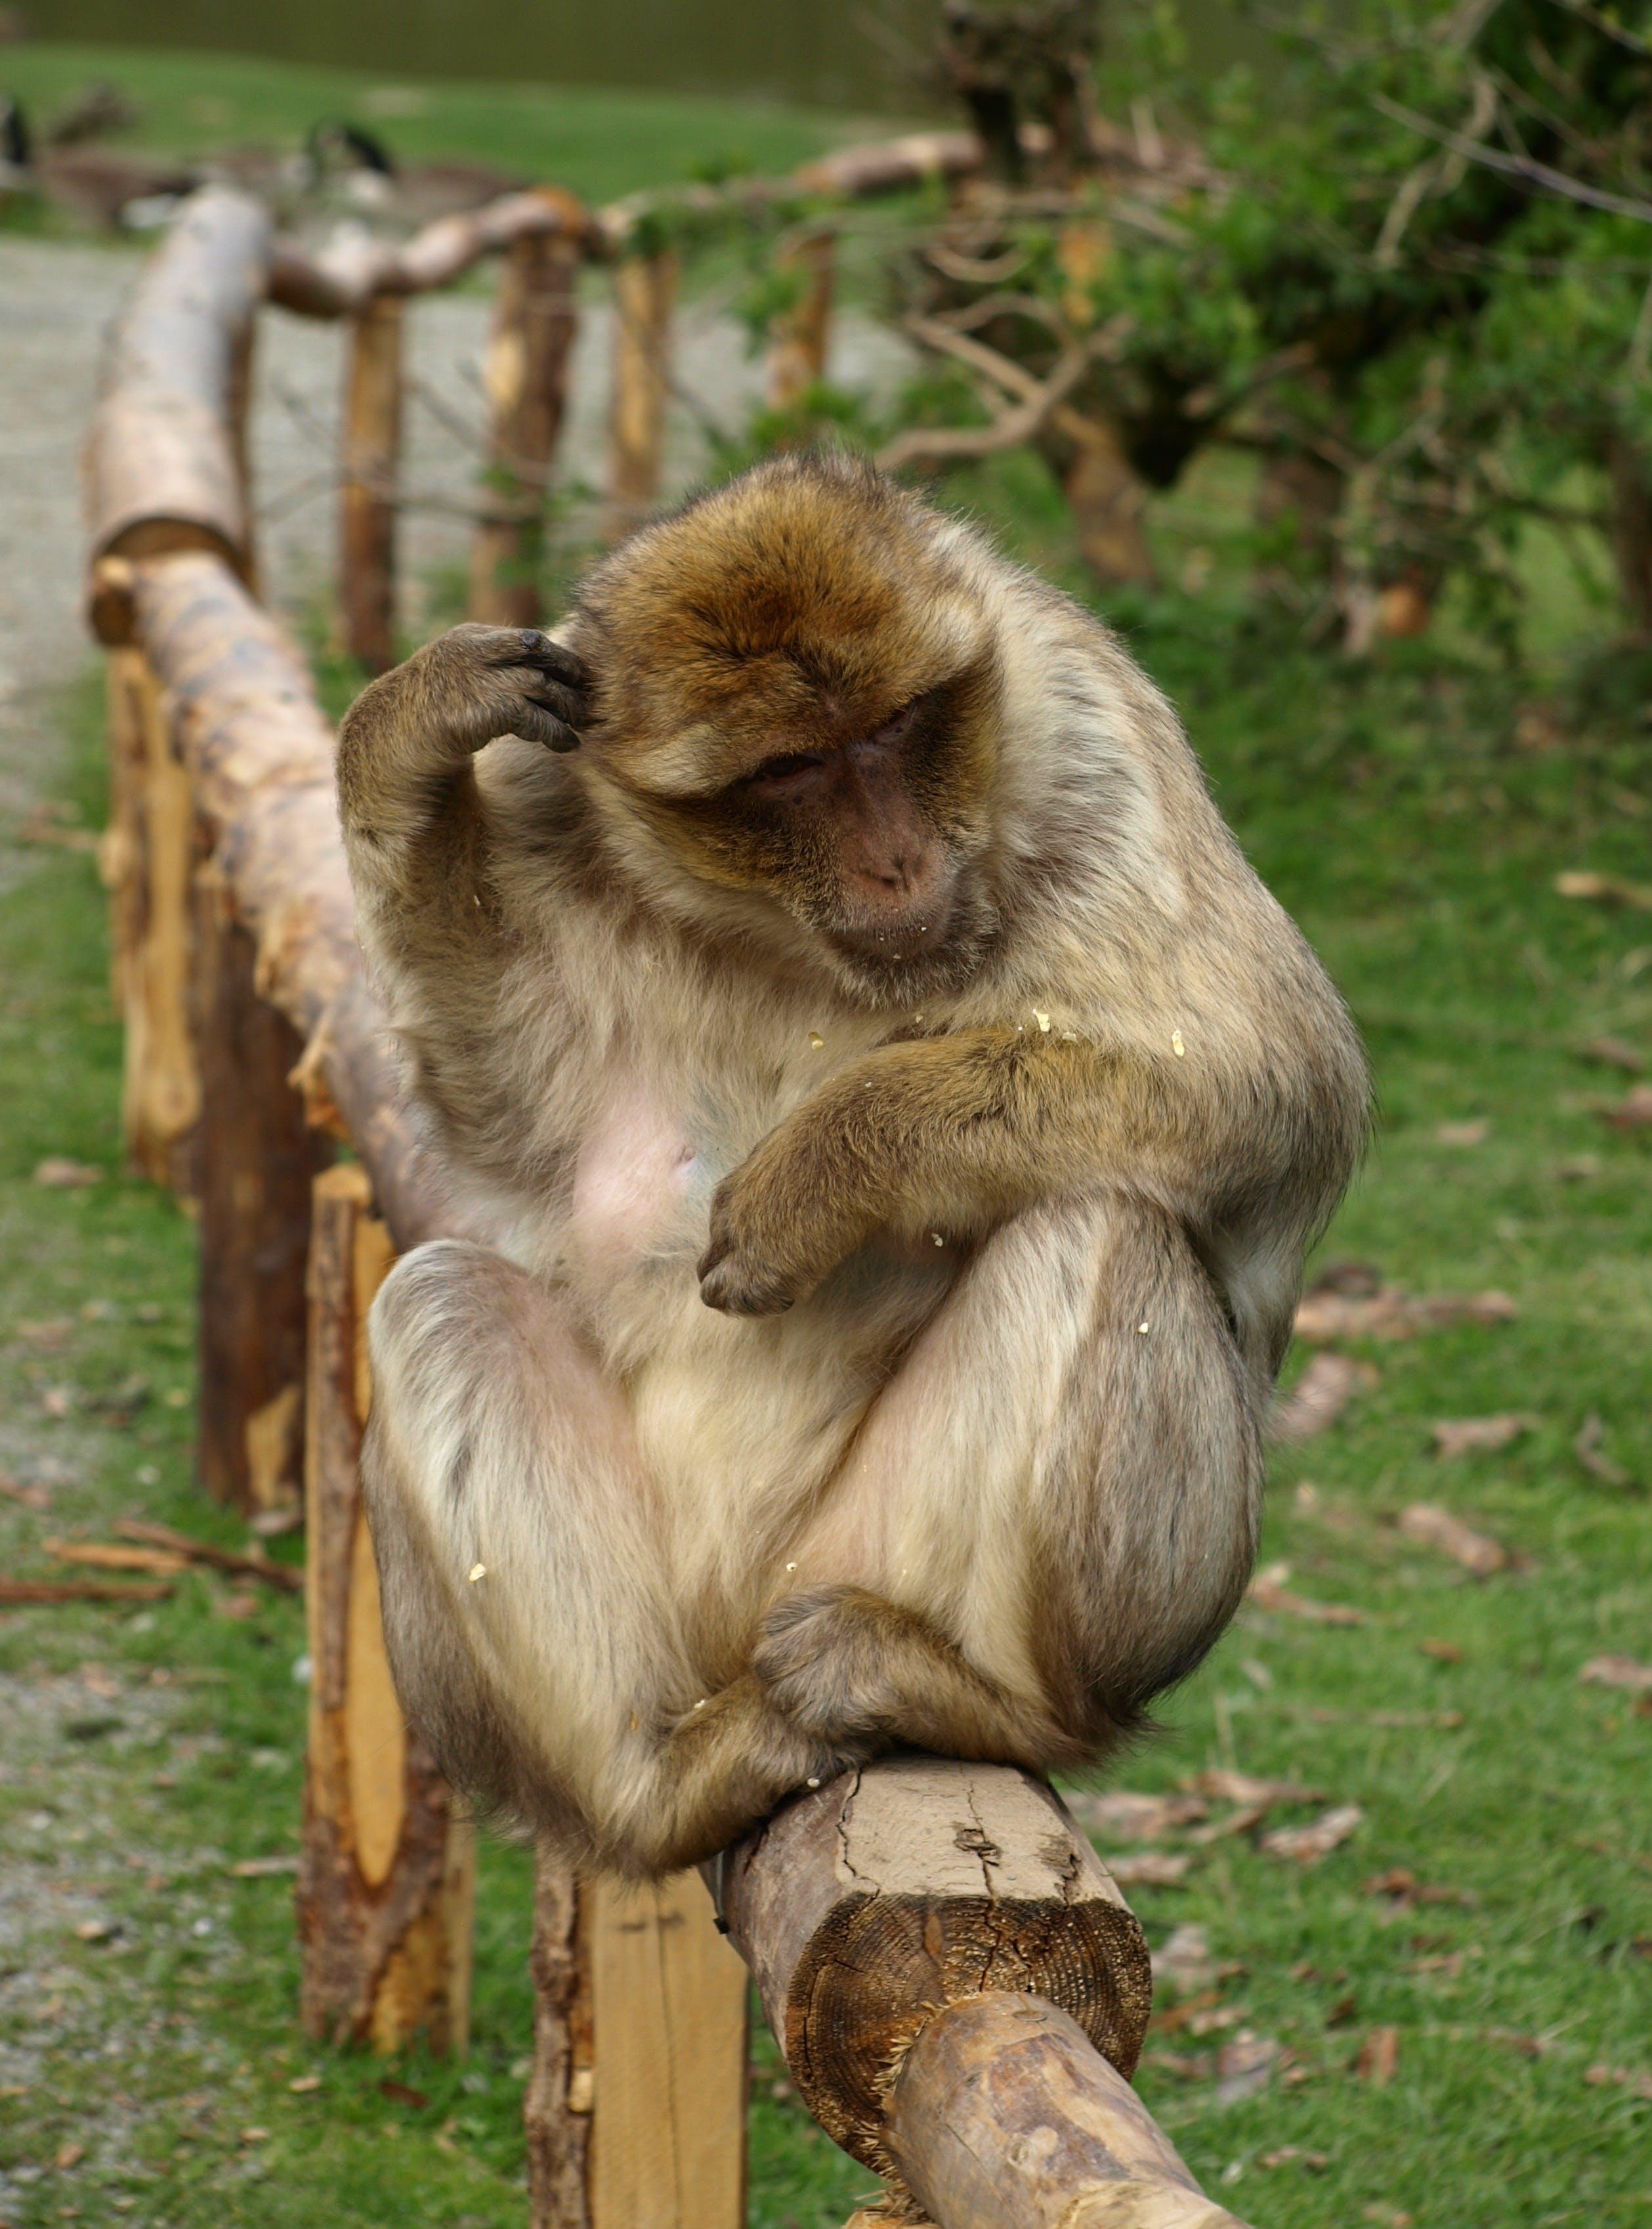 Free stock photo of monkey, thinking, sit, barbary ape